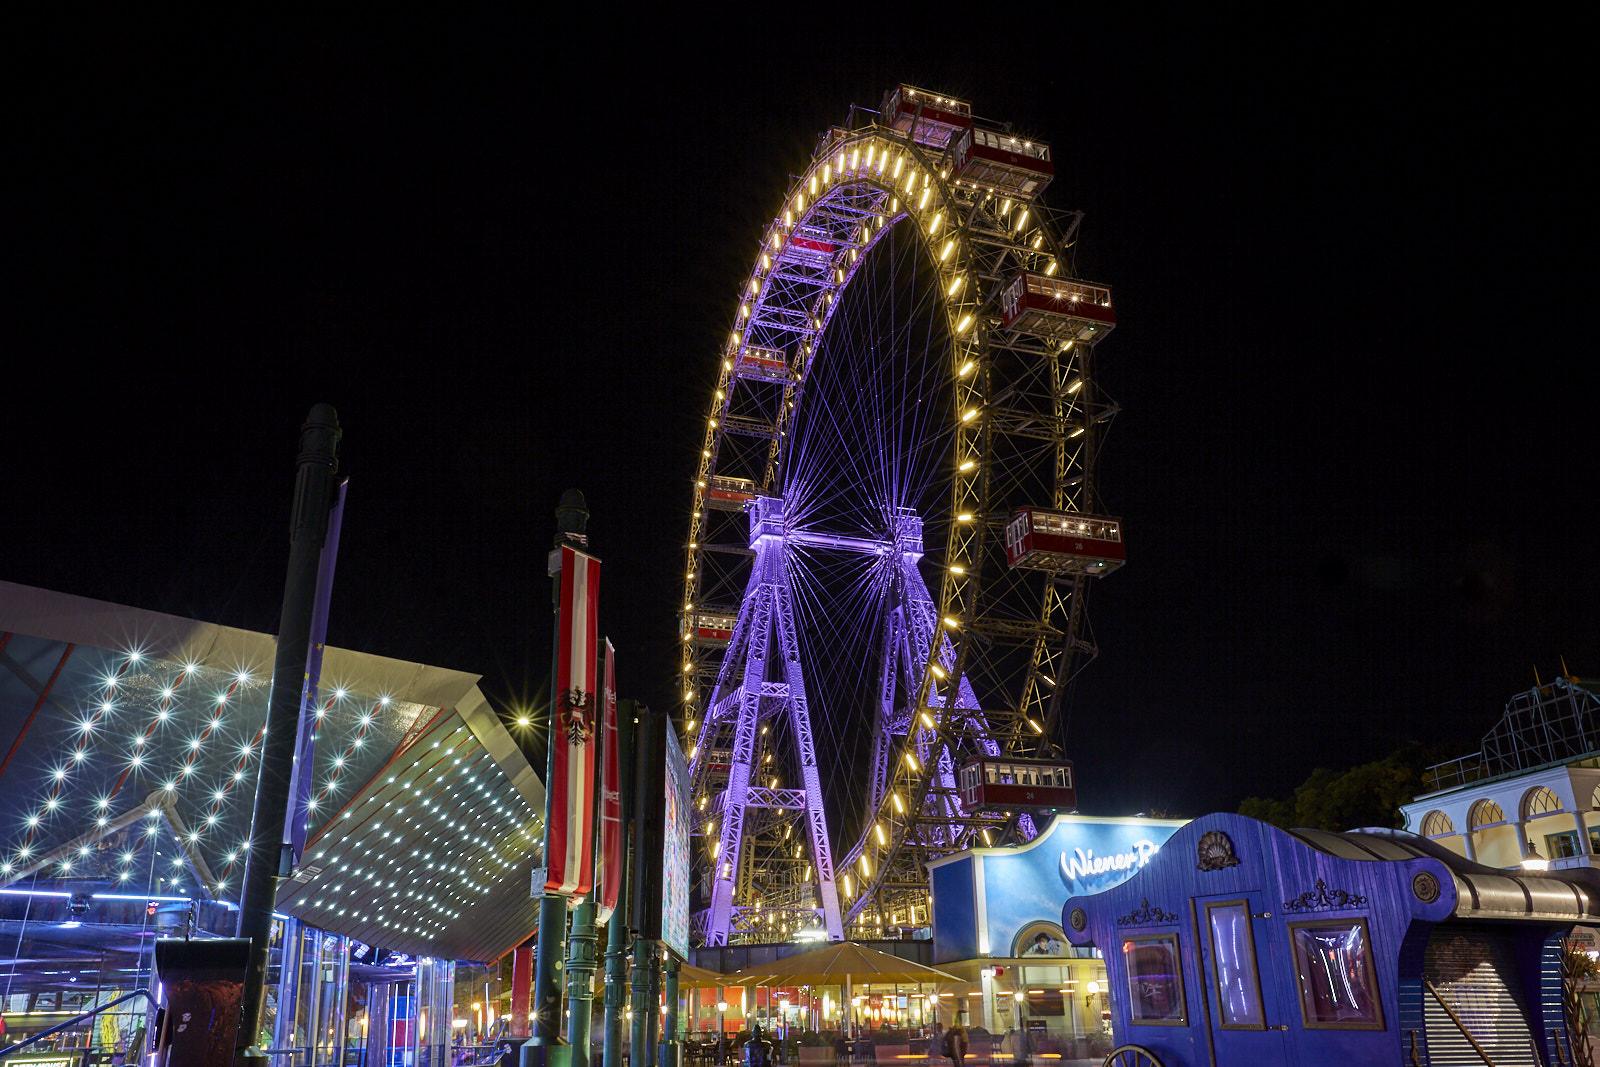 Riesenrad - Giant Ferries Wheel - Vienna